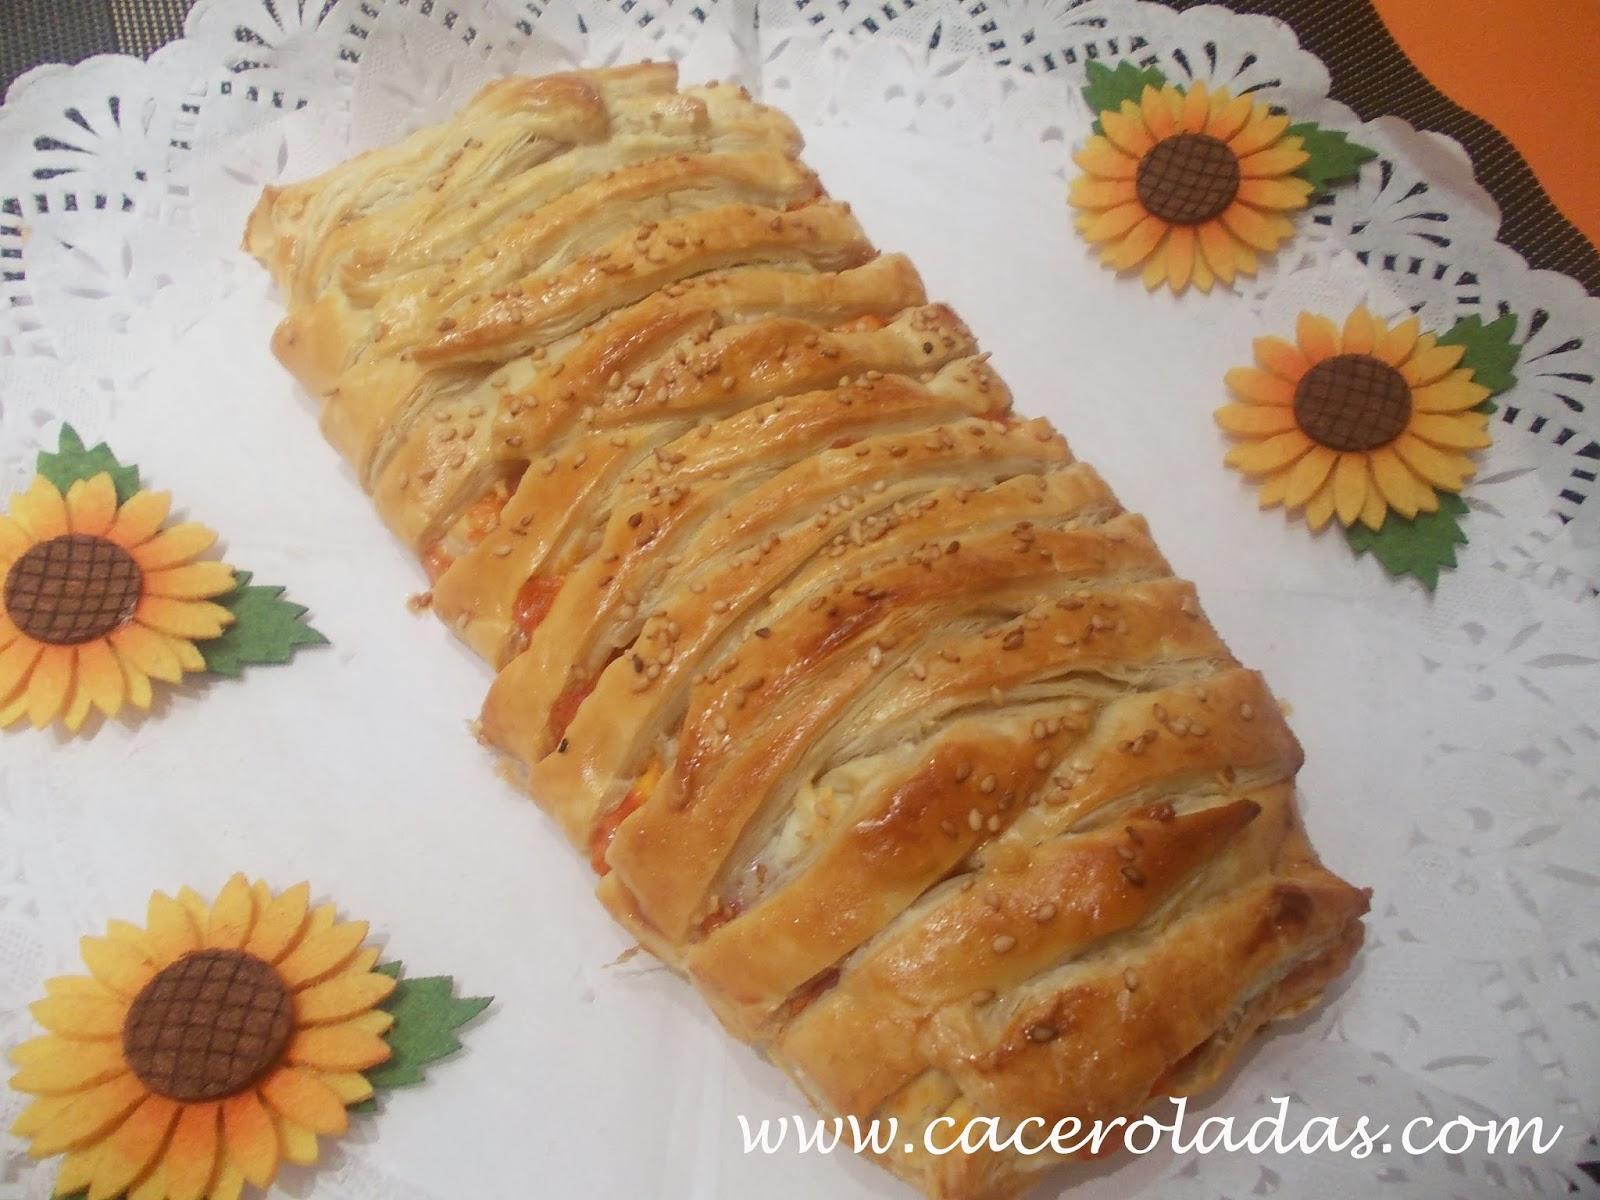 Trenza de hojaldre con jamón, queso y champiñón